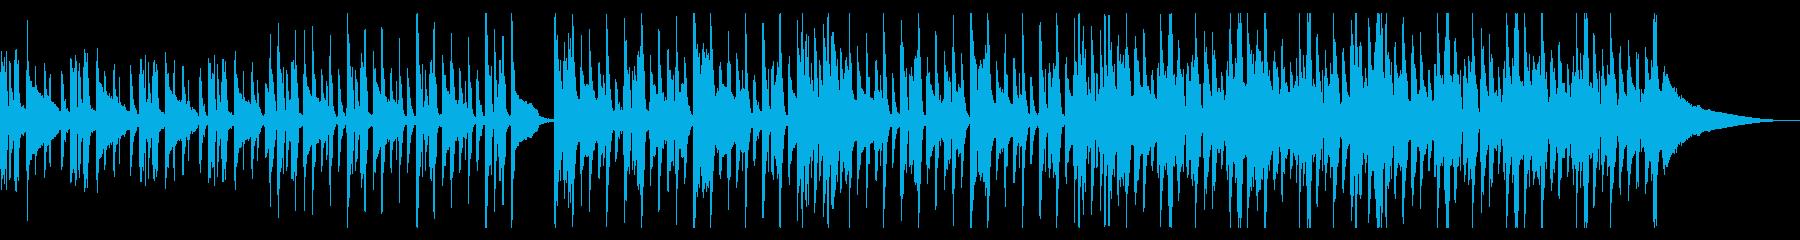 爽やかなハウス_2の再生済みの波形